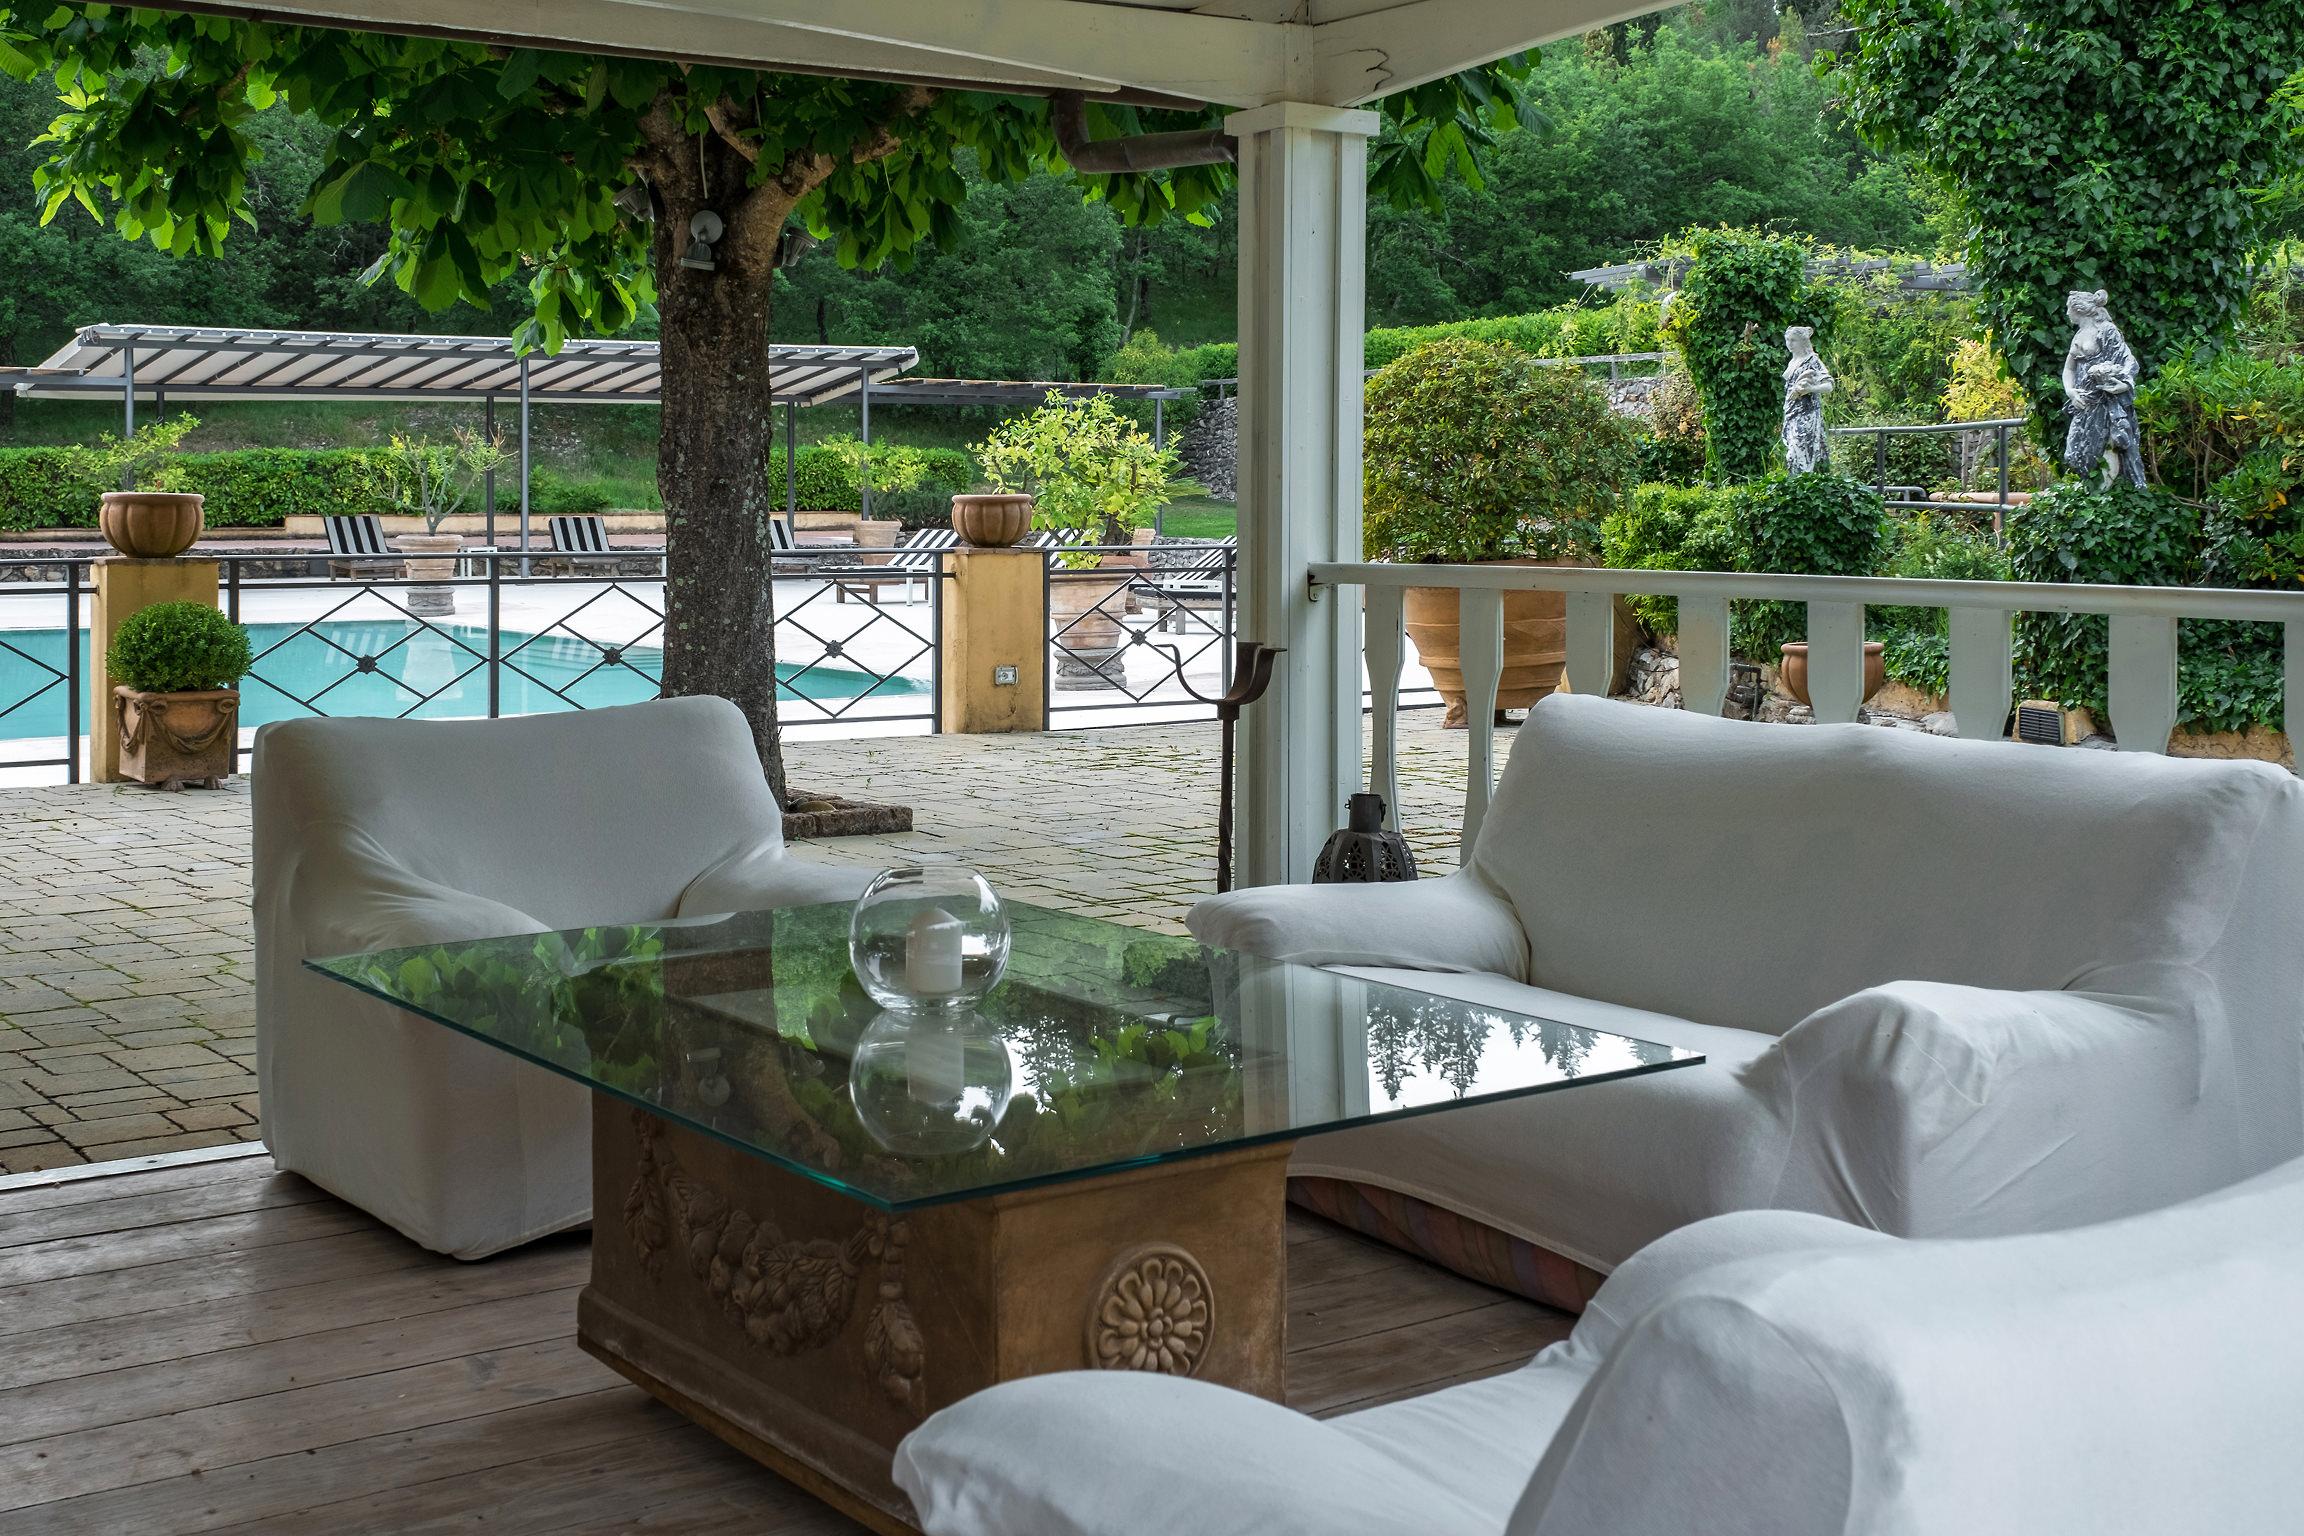 Location toscane maison pour vacances ventana blog for Location toscane piscine